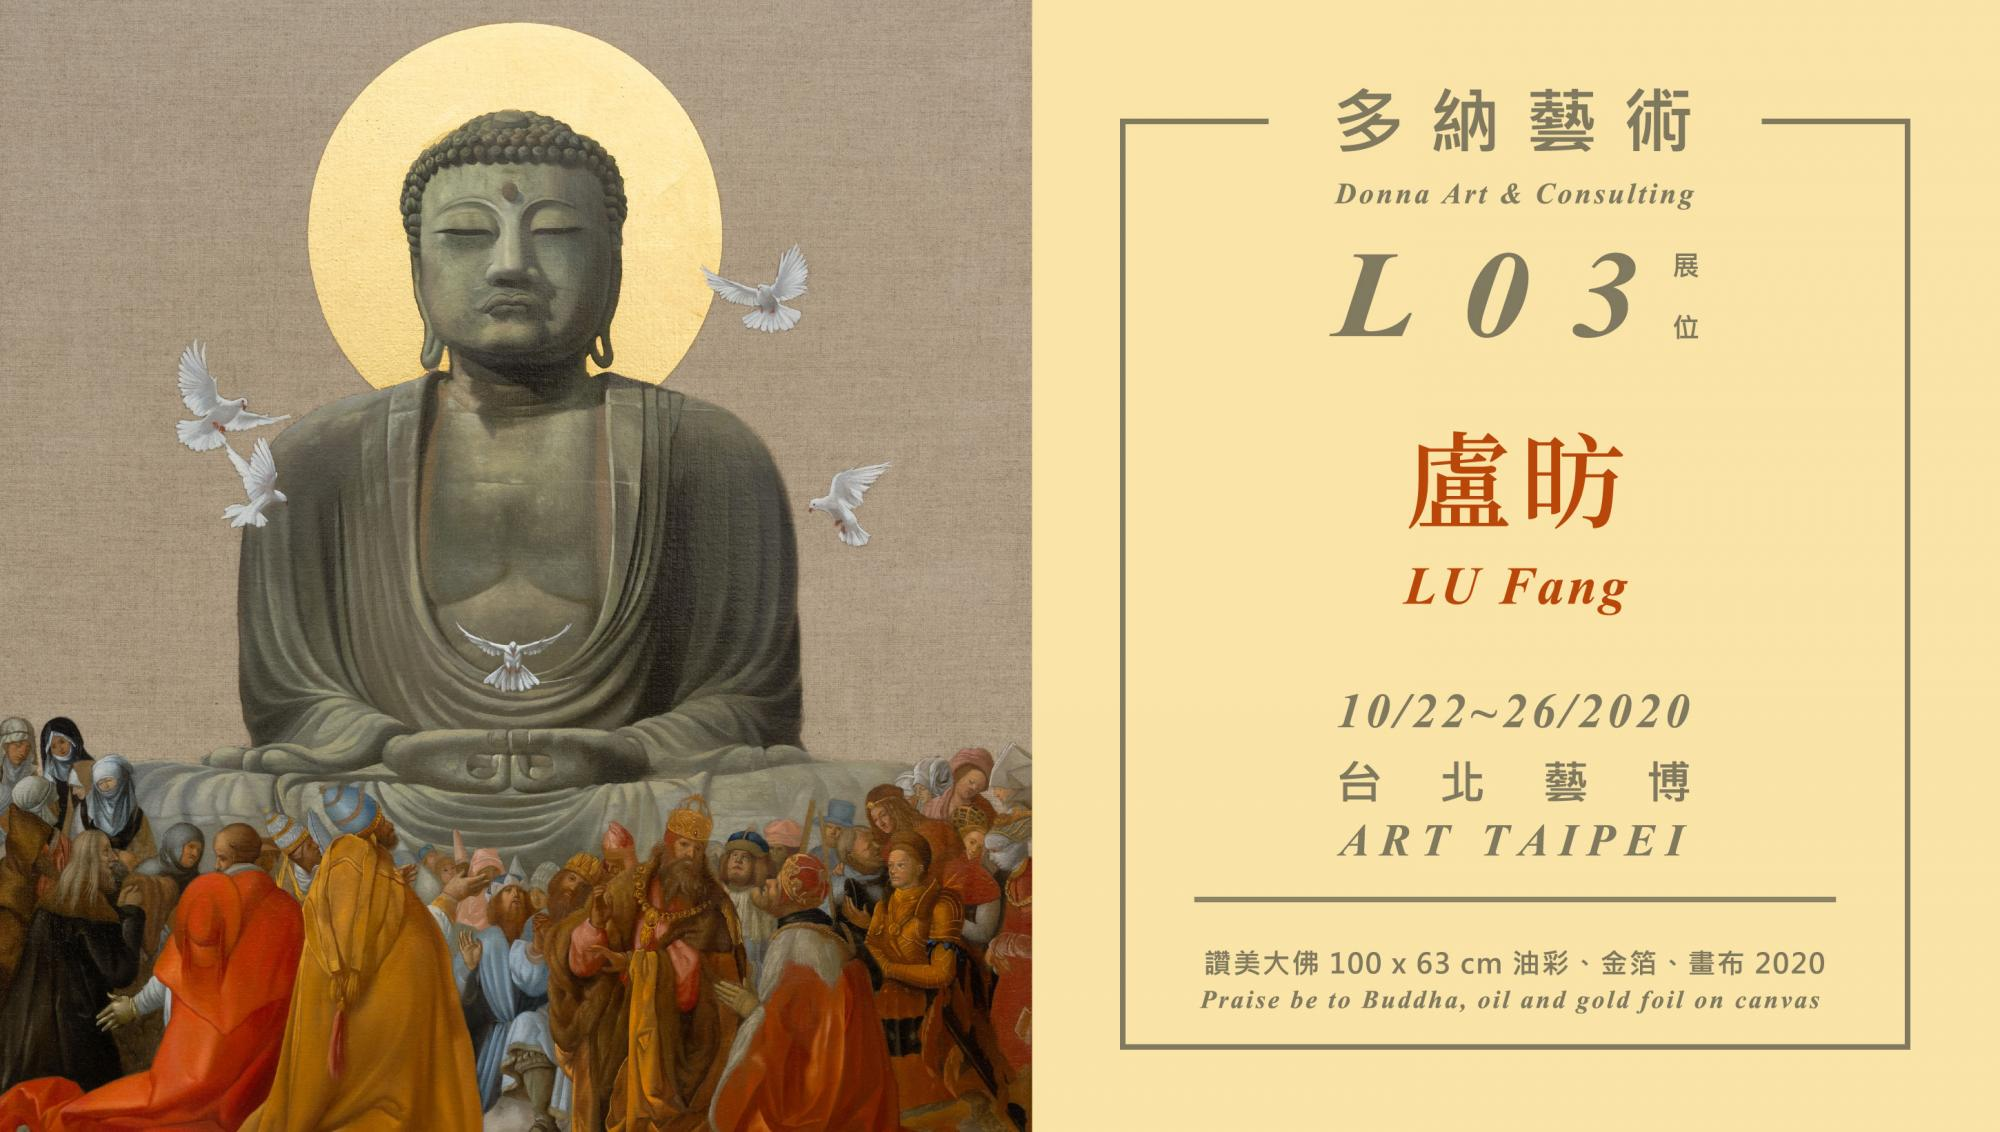 Art Taipei Lu Fang(1).jpg